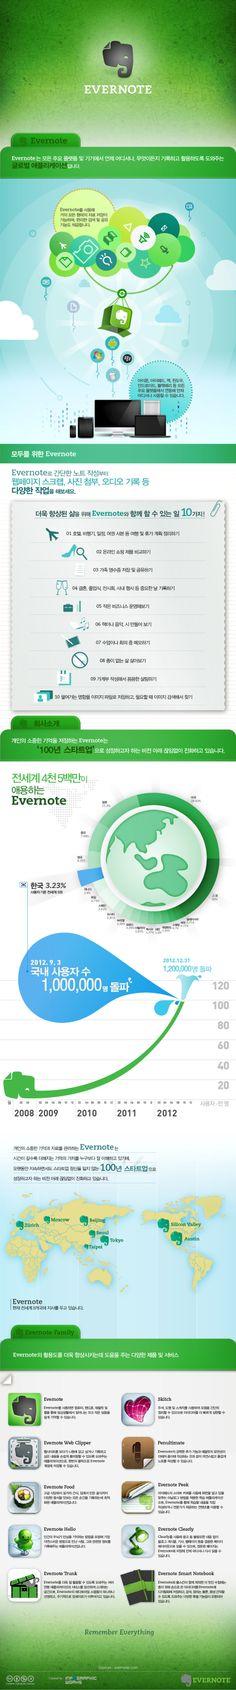 글로벌 애플리케이션 evernote(인포그래픽웍스)